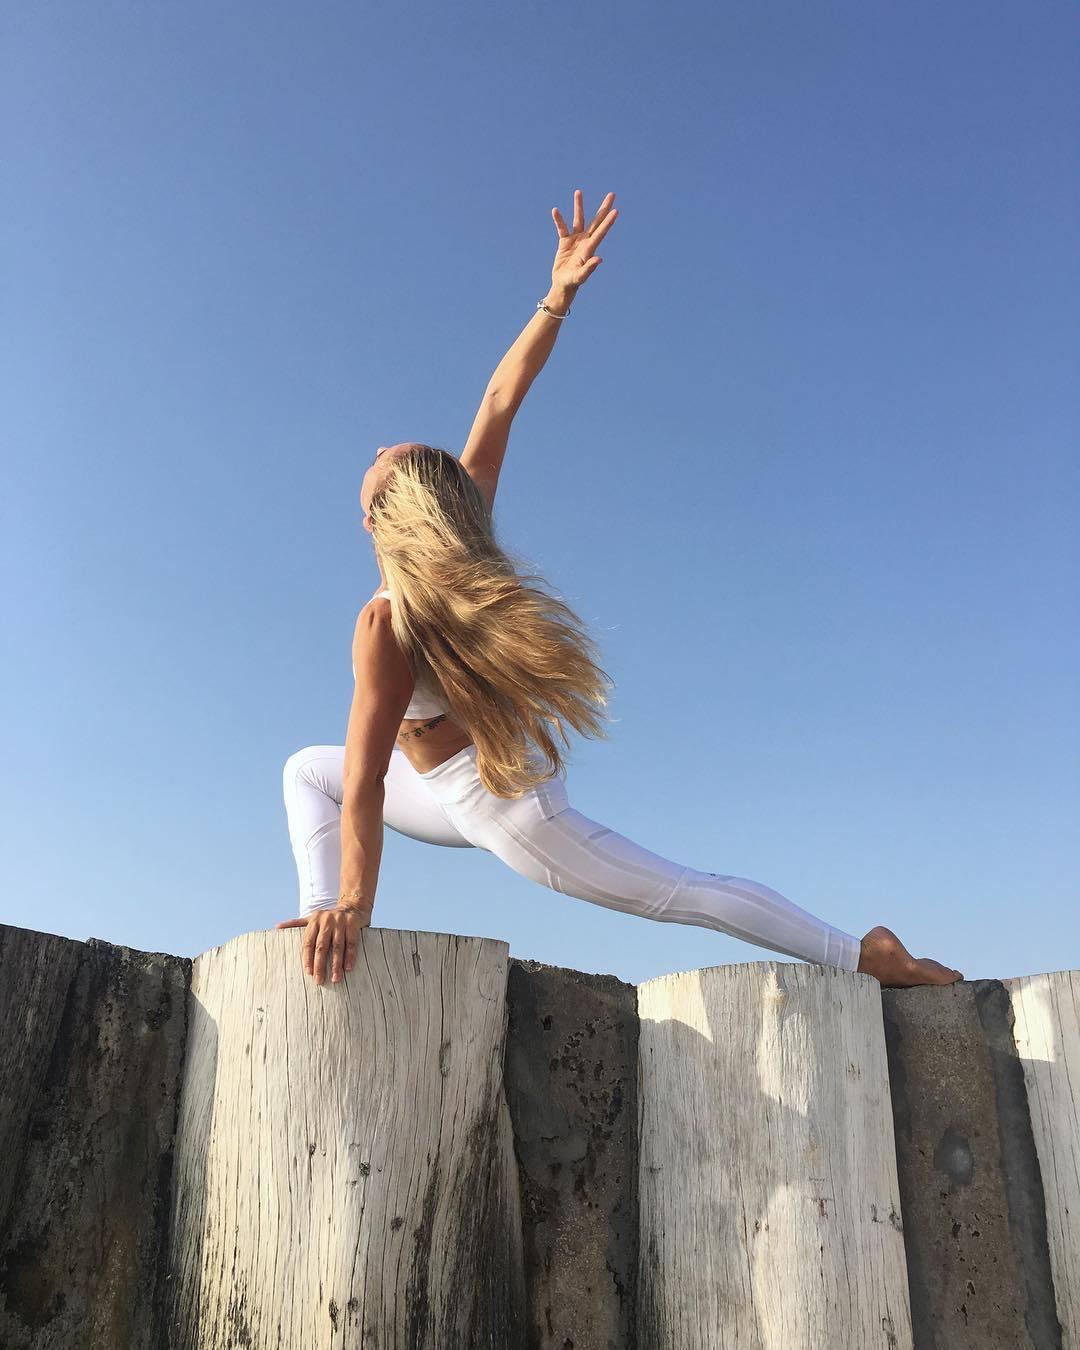 练瑜伽先练腿还是先练腰,顺序不对,效果真的差很多